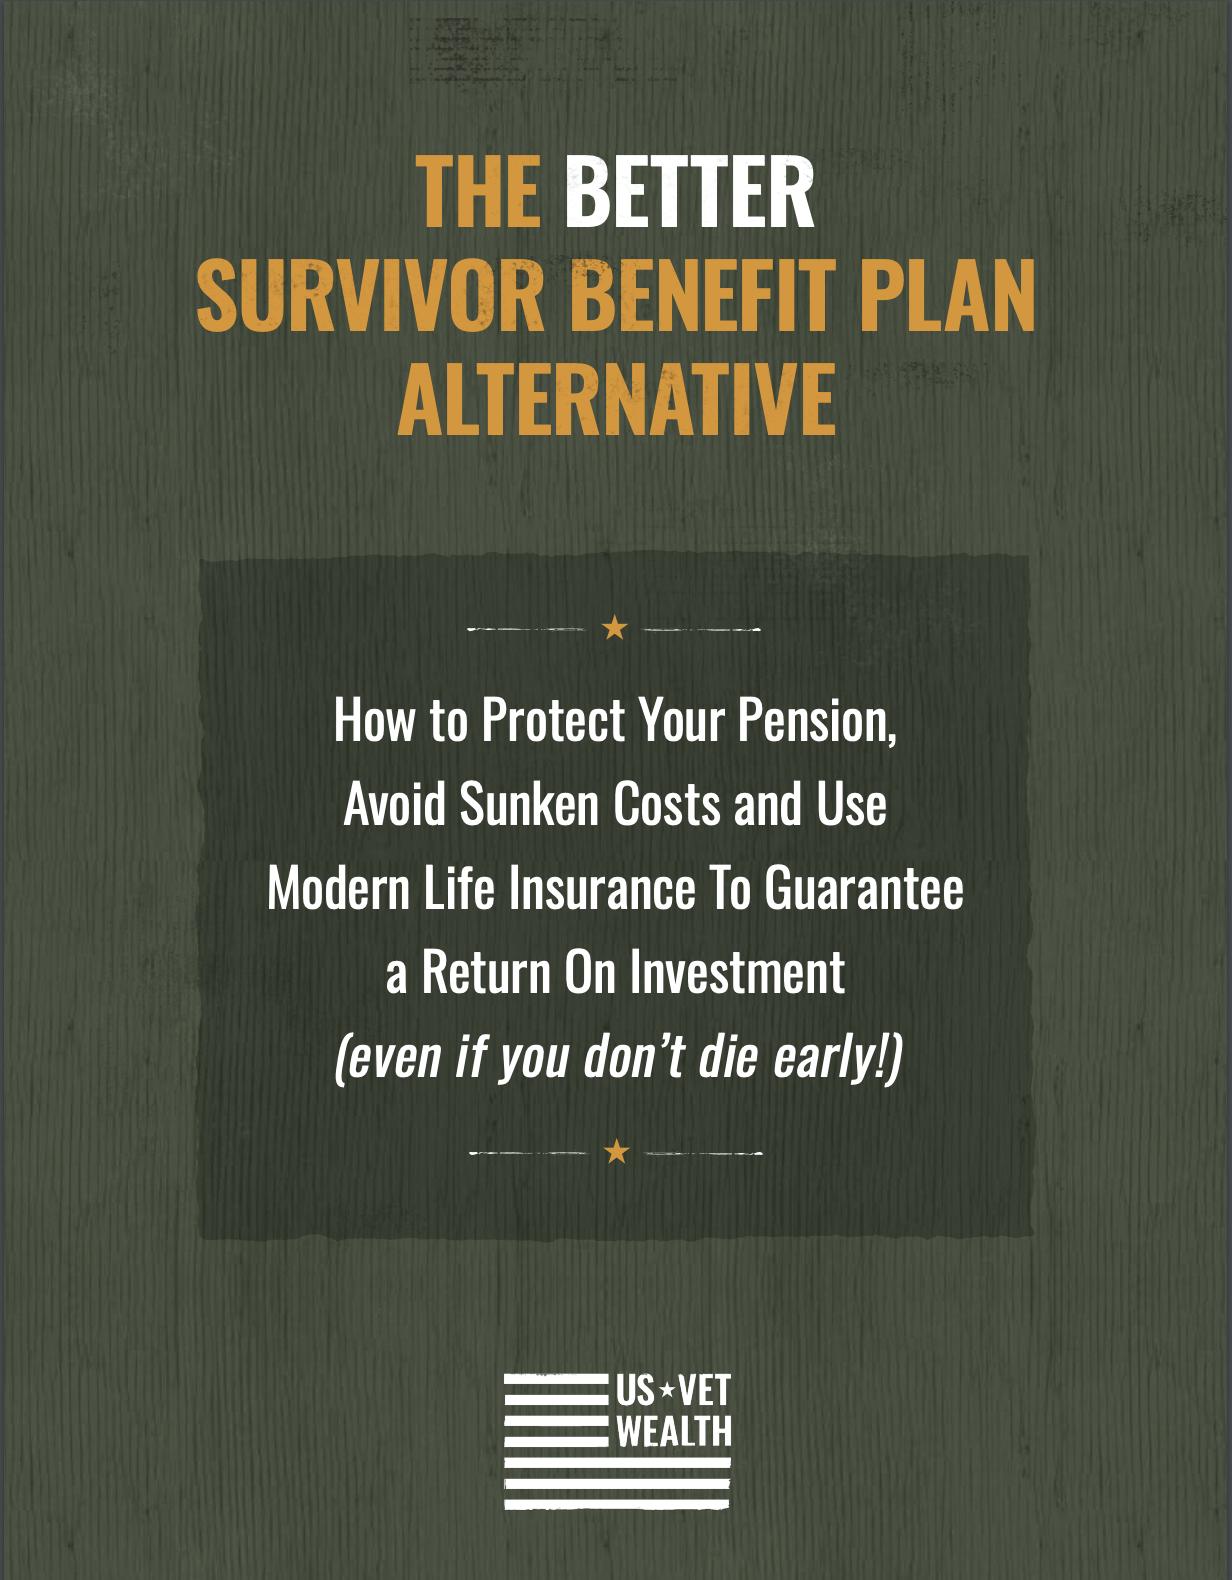 Better SBP alternative